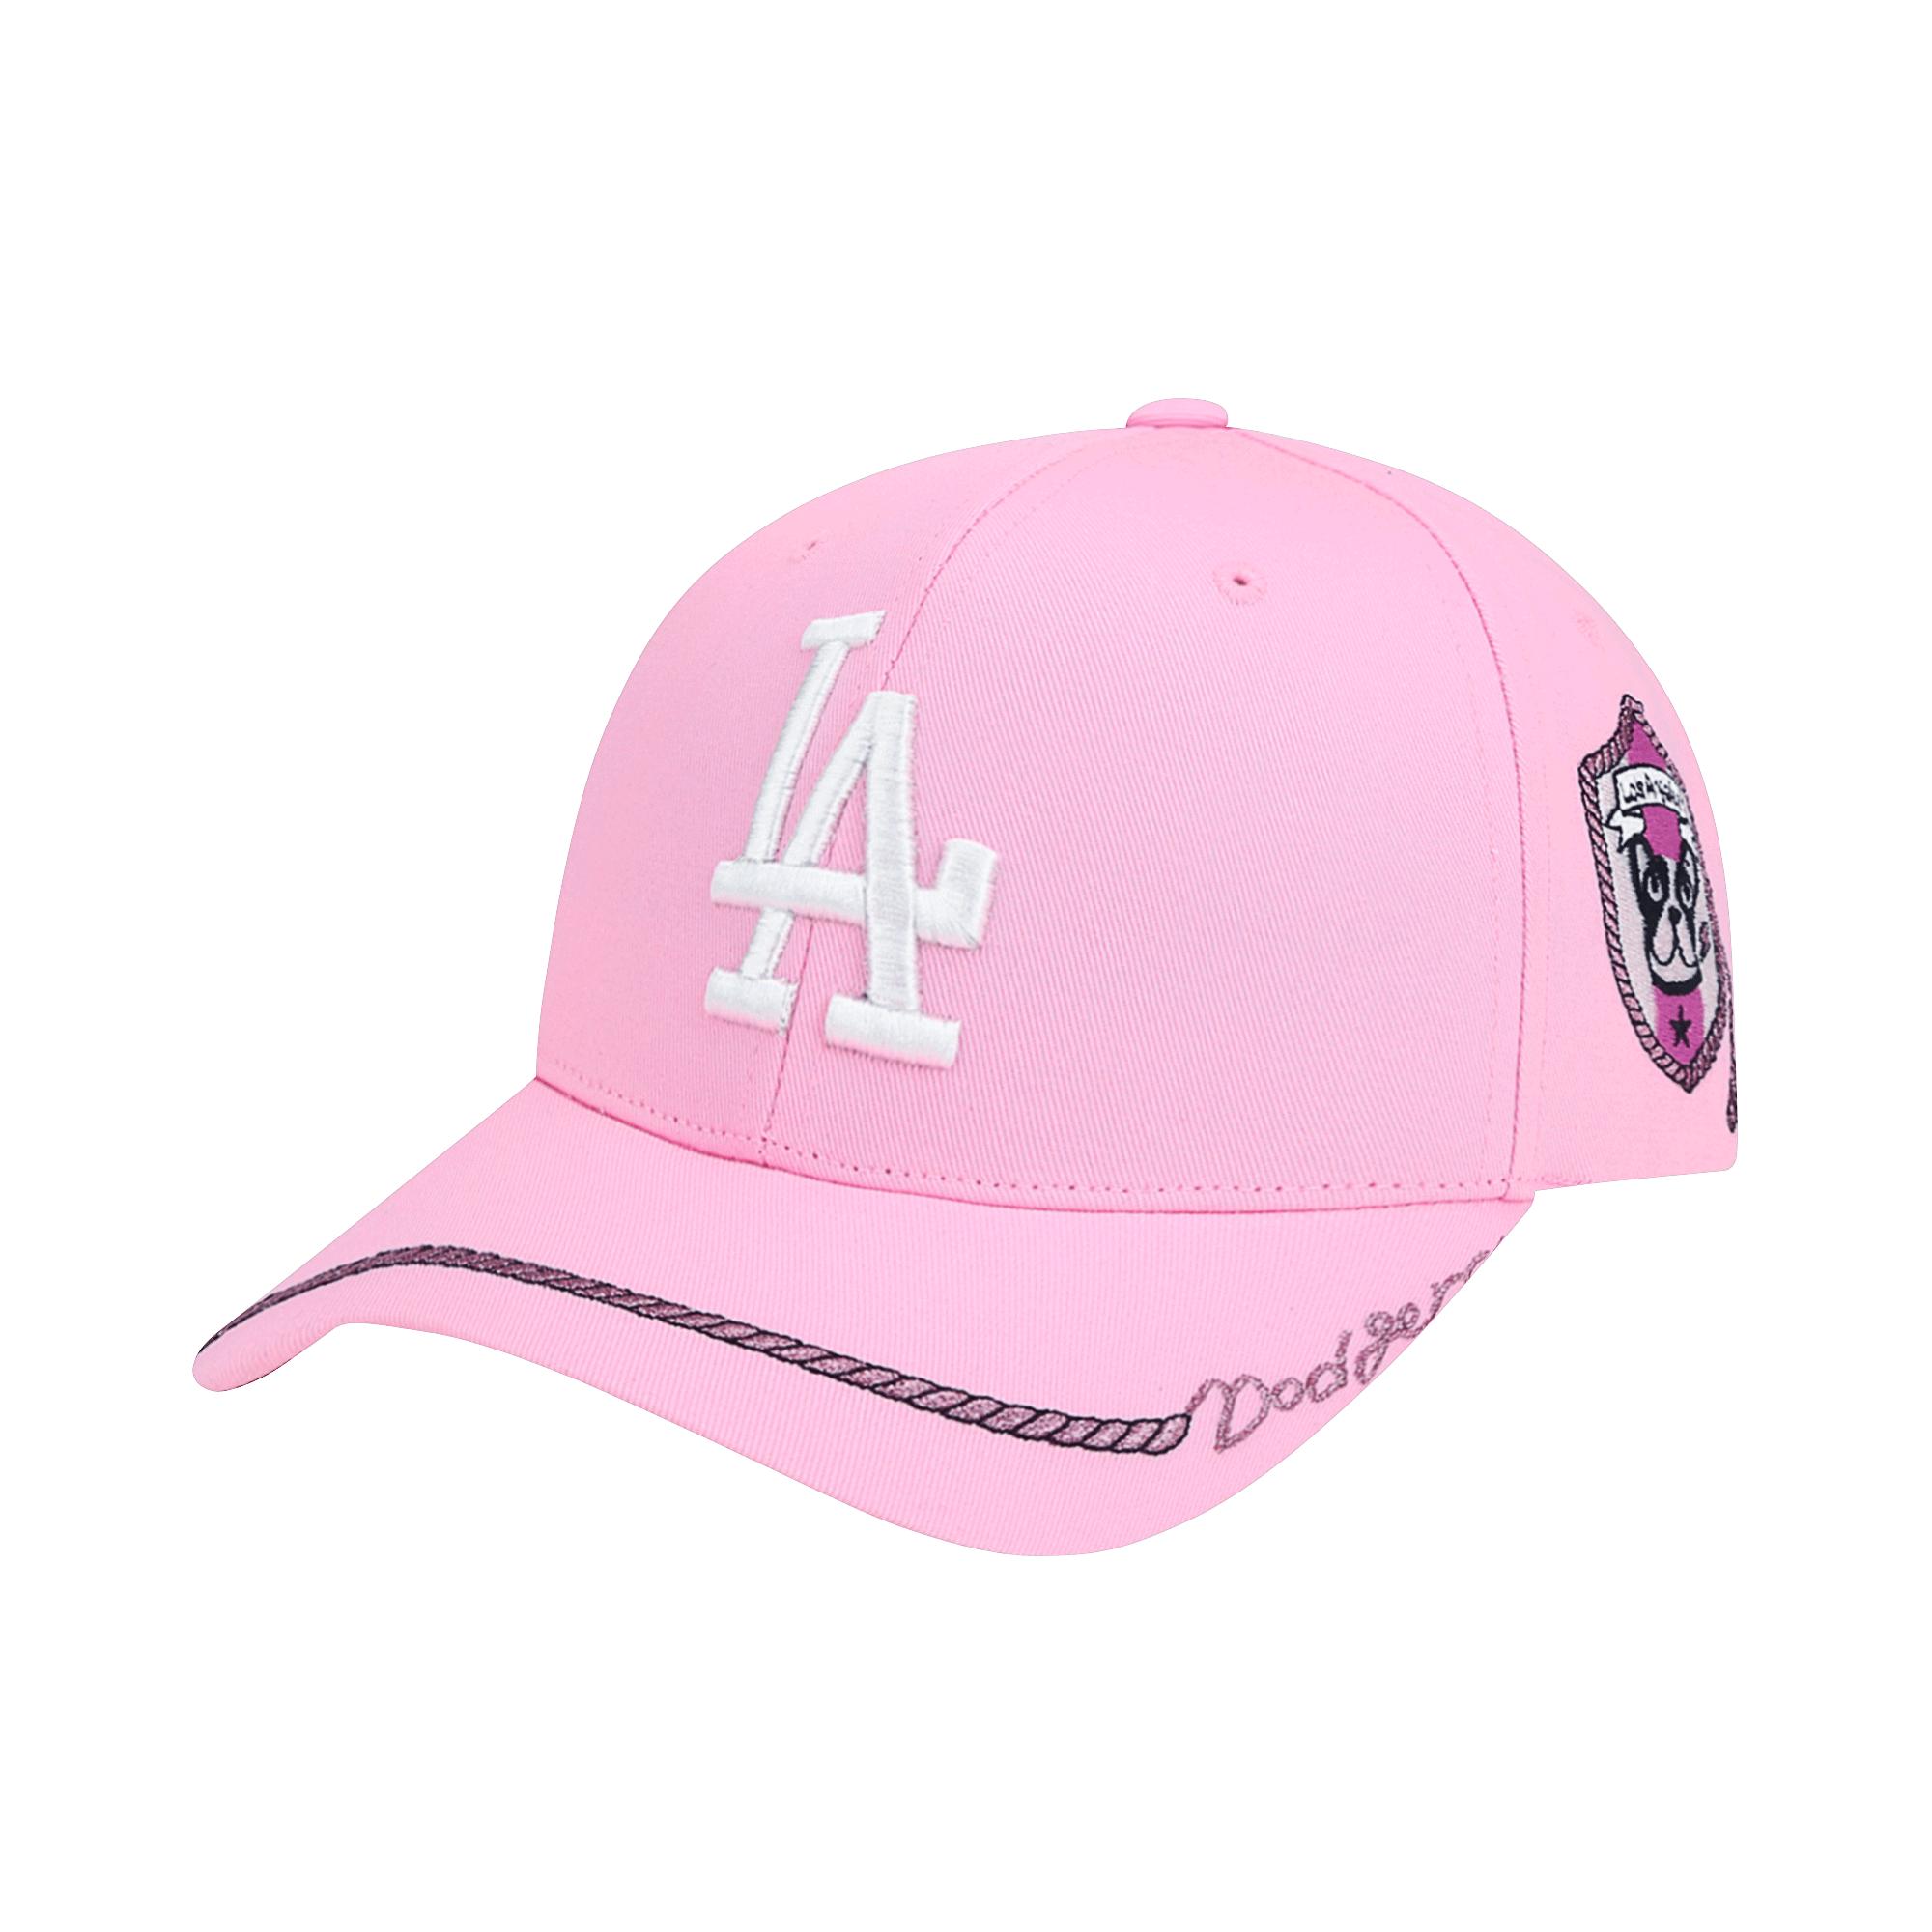 LA DODGERS BARK SHIELD ADJUSTABLE CAP